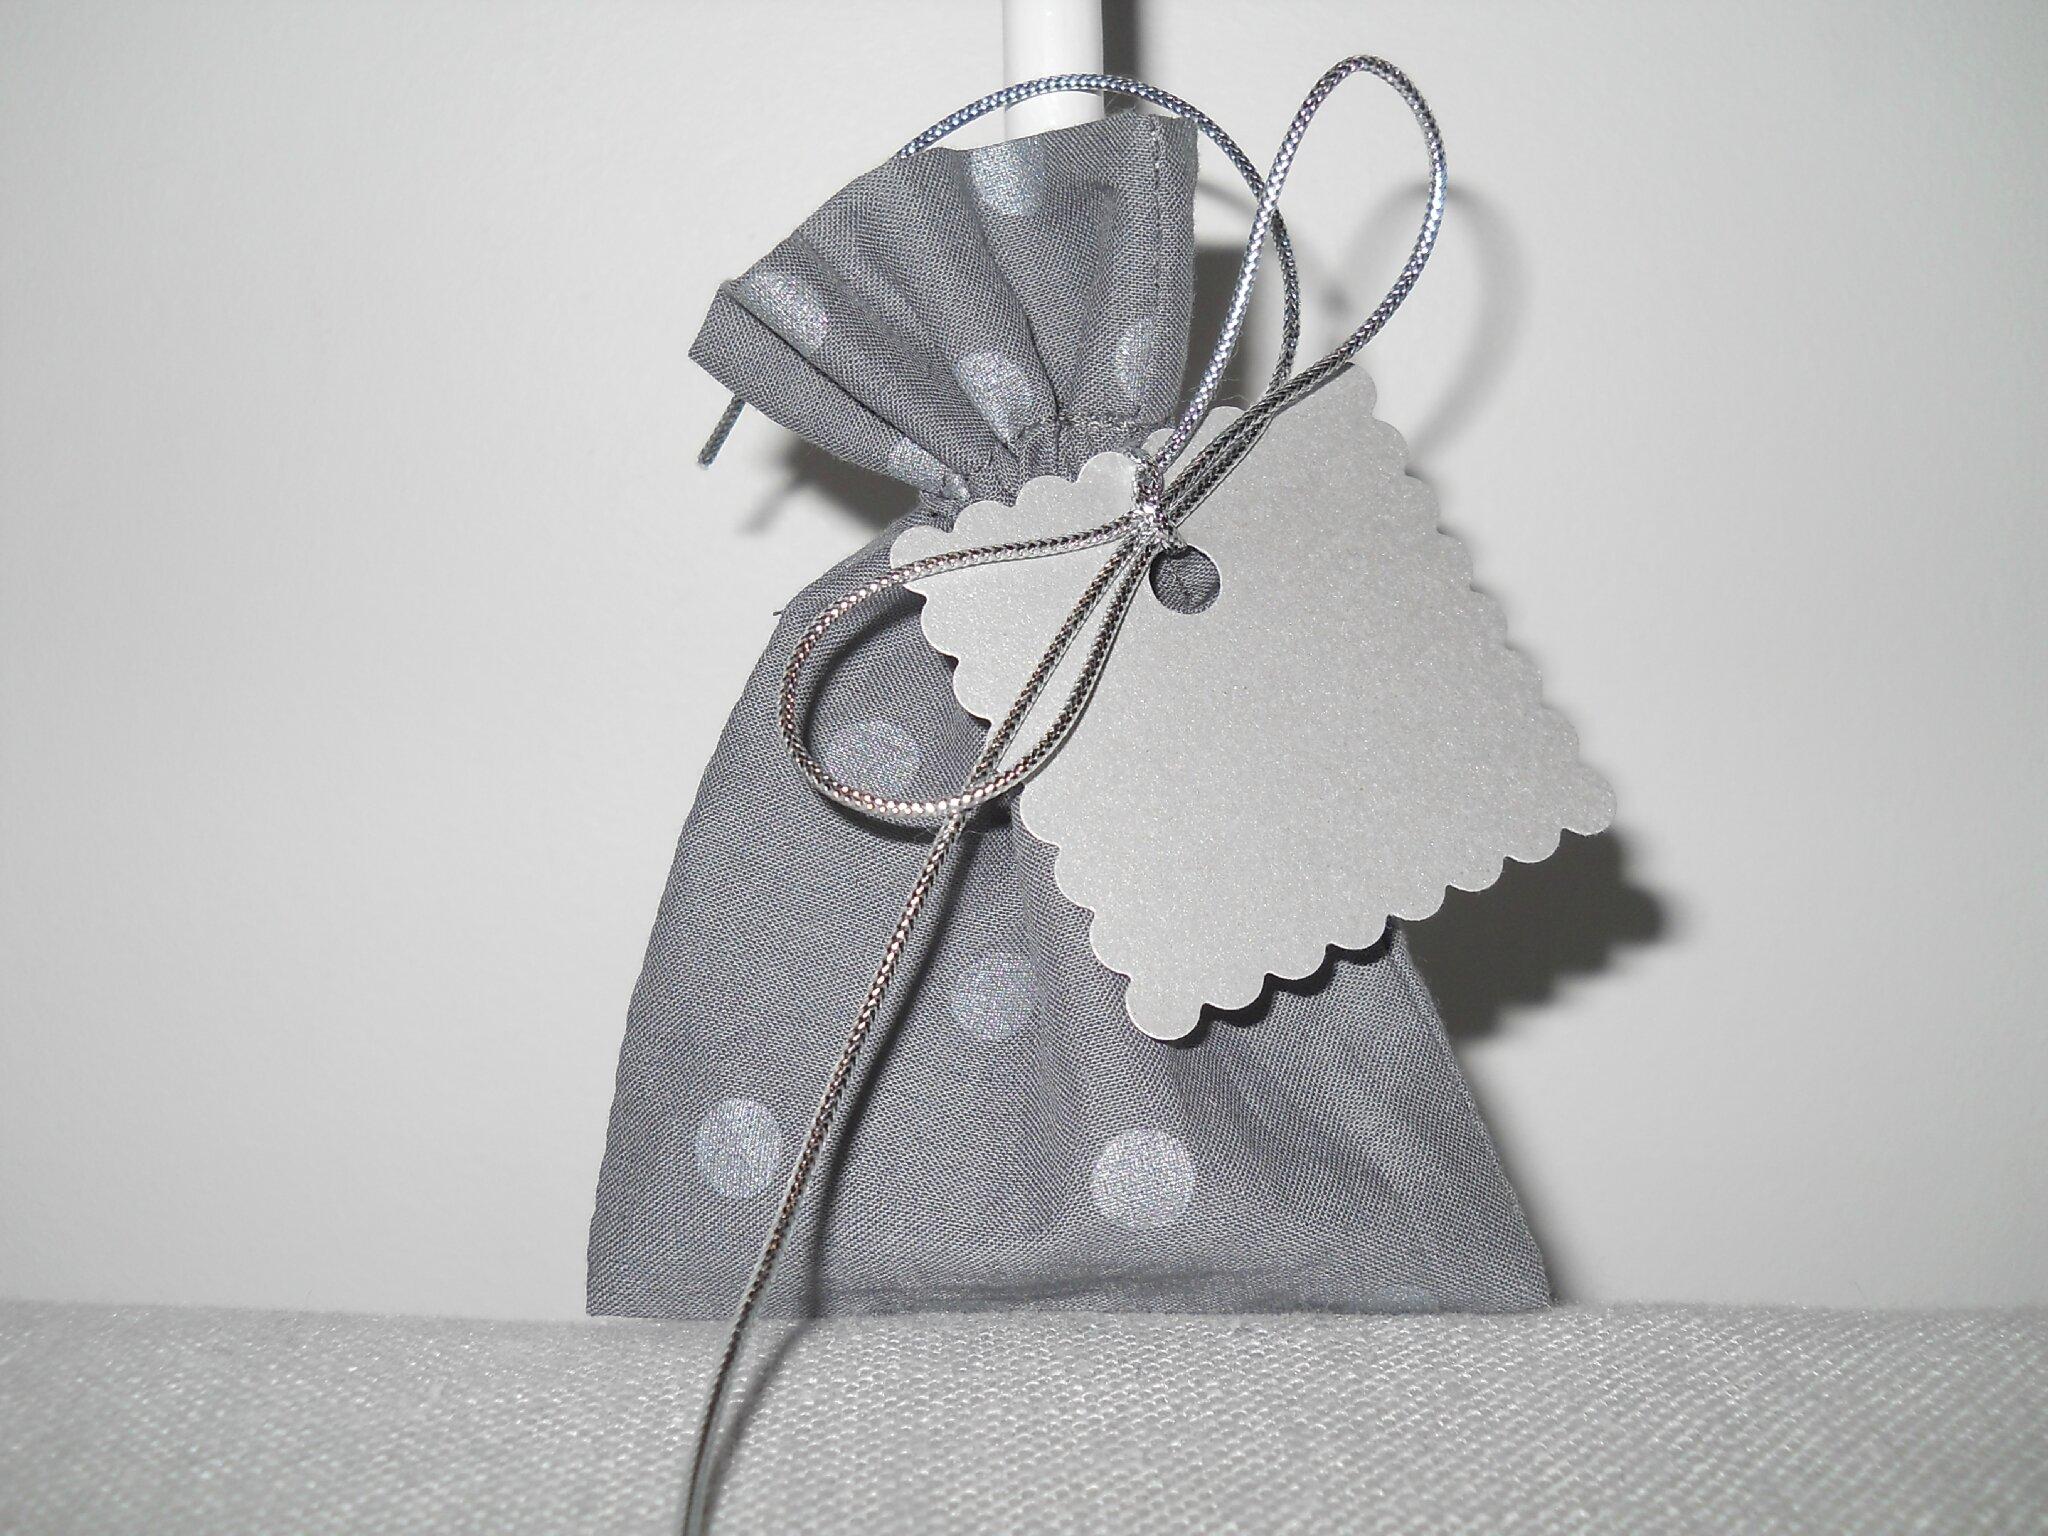 pochon gris pois argenté, cordon argenté